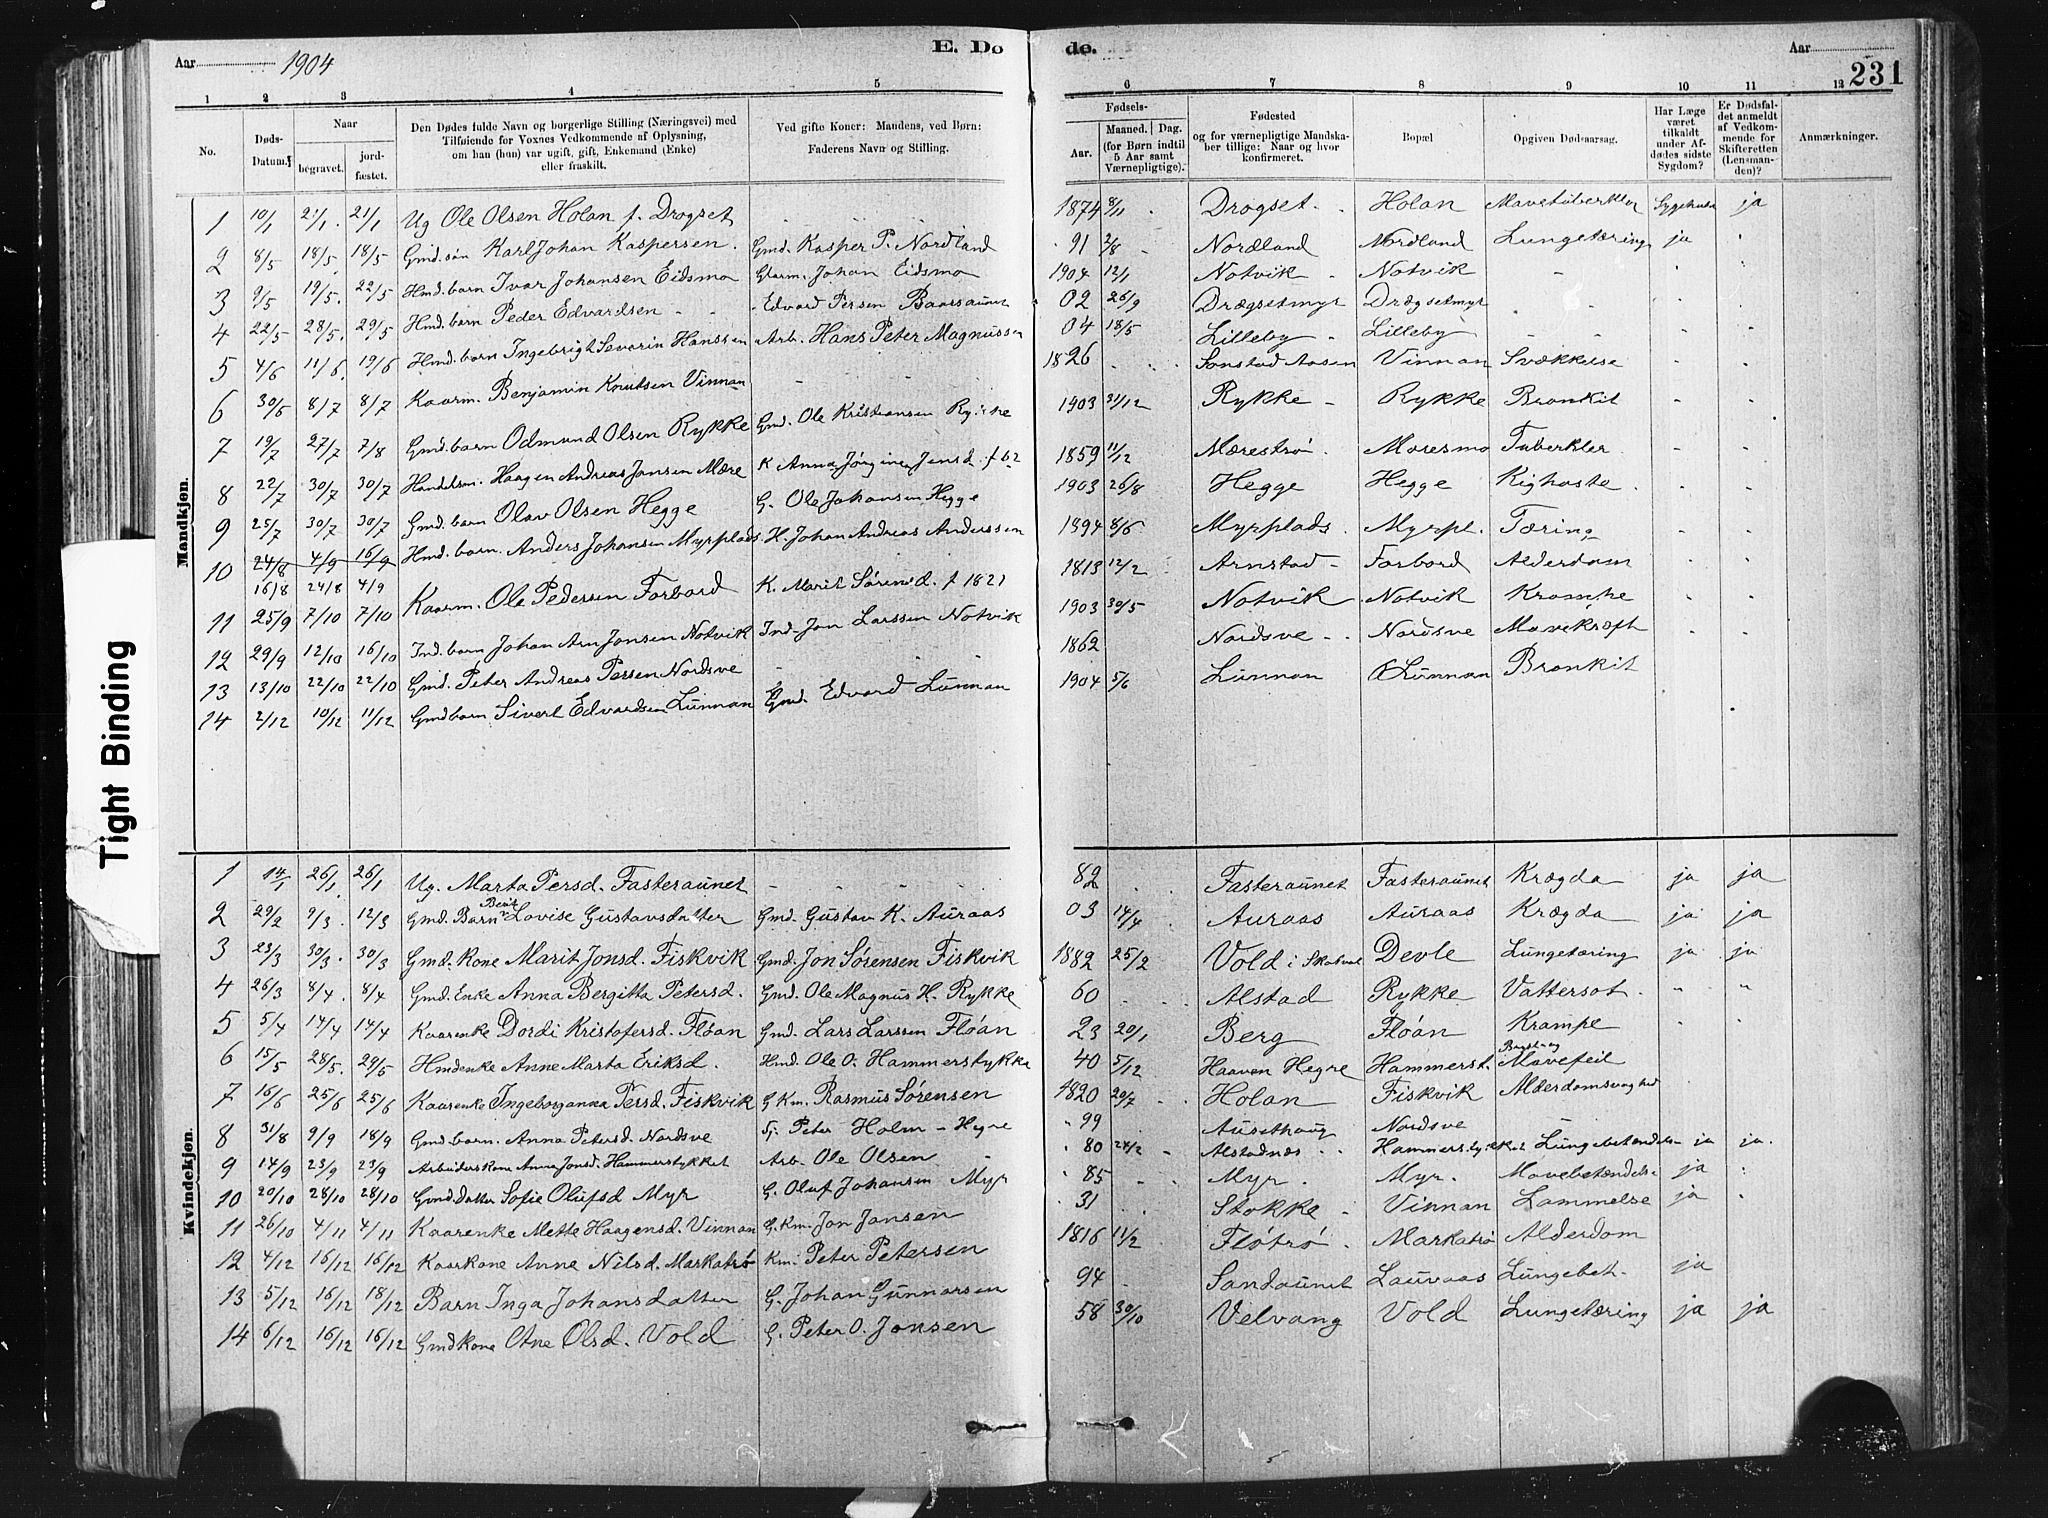 SAT, Ministerialprotokoller, klokkerbøker og fødselsregistre - Nord-Trøndelag, 712/L0103: Klokkerbok nr. 712C01, 1878-1917, s. 231